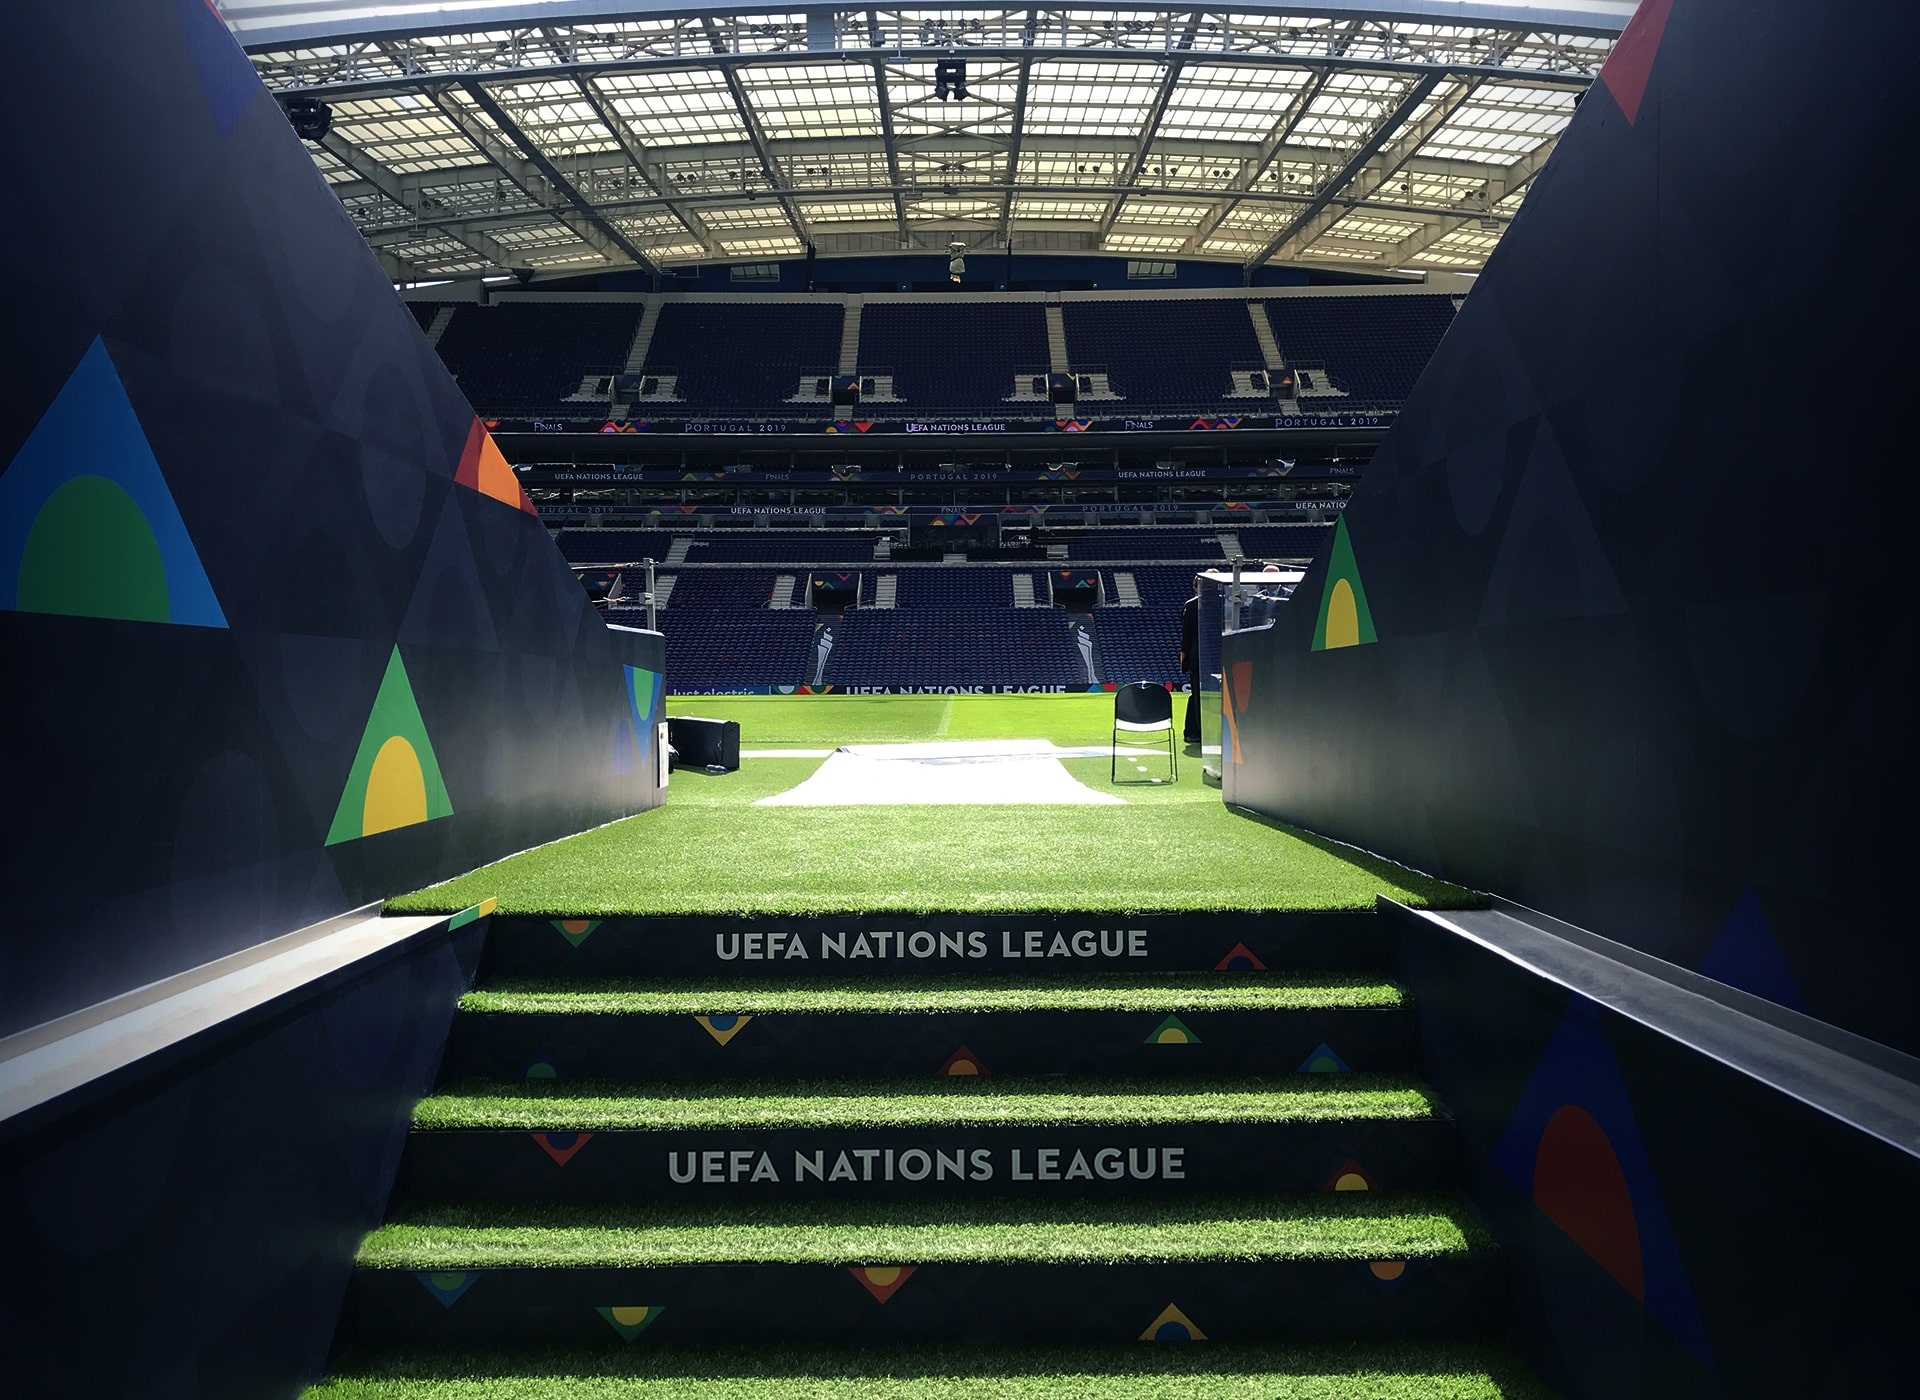 Producción y montaje de publicidad deportiva para eventos. Proyecto realizado para UEFA.